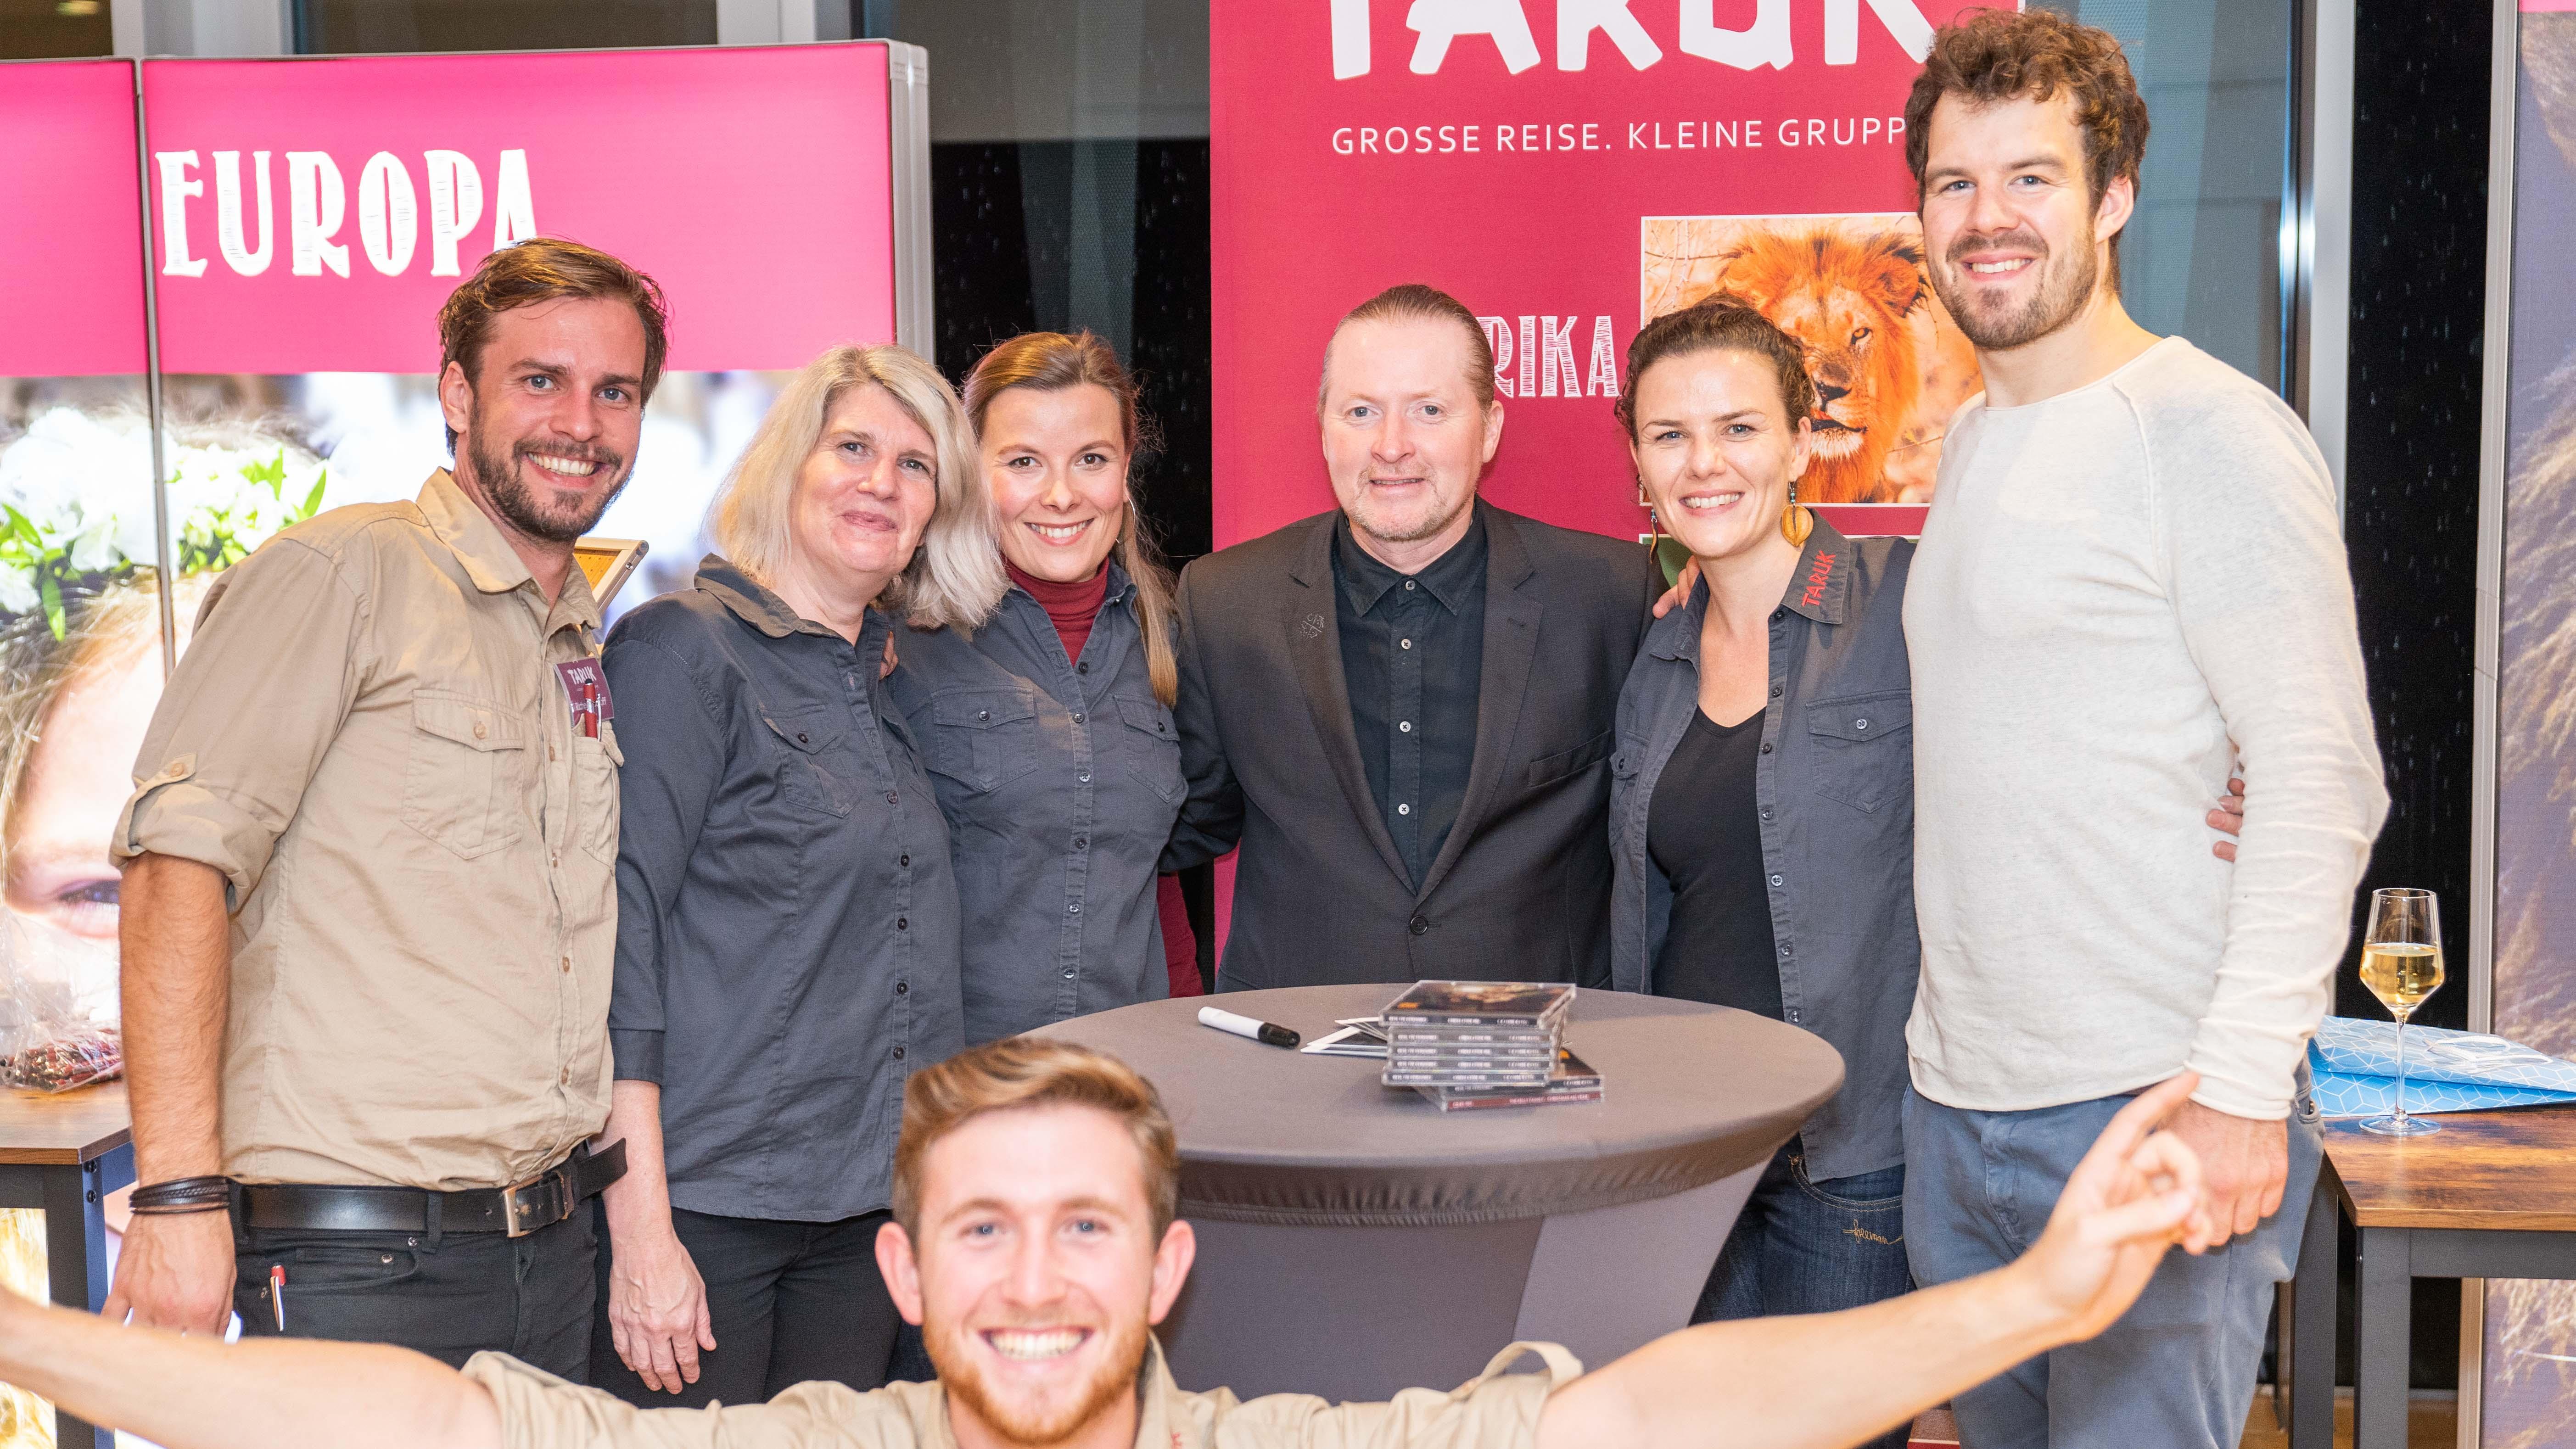 Joe Kelly, Christan Haape, Jannes Eggen und das Taruk-Team in der Flora Köln